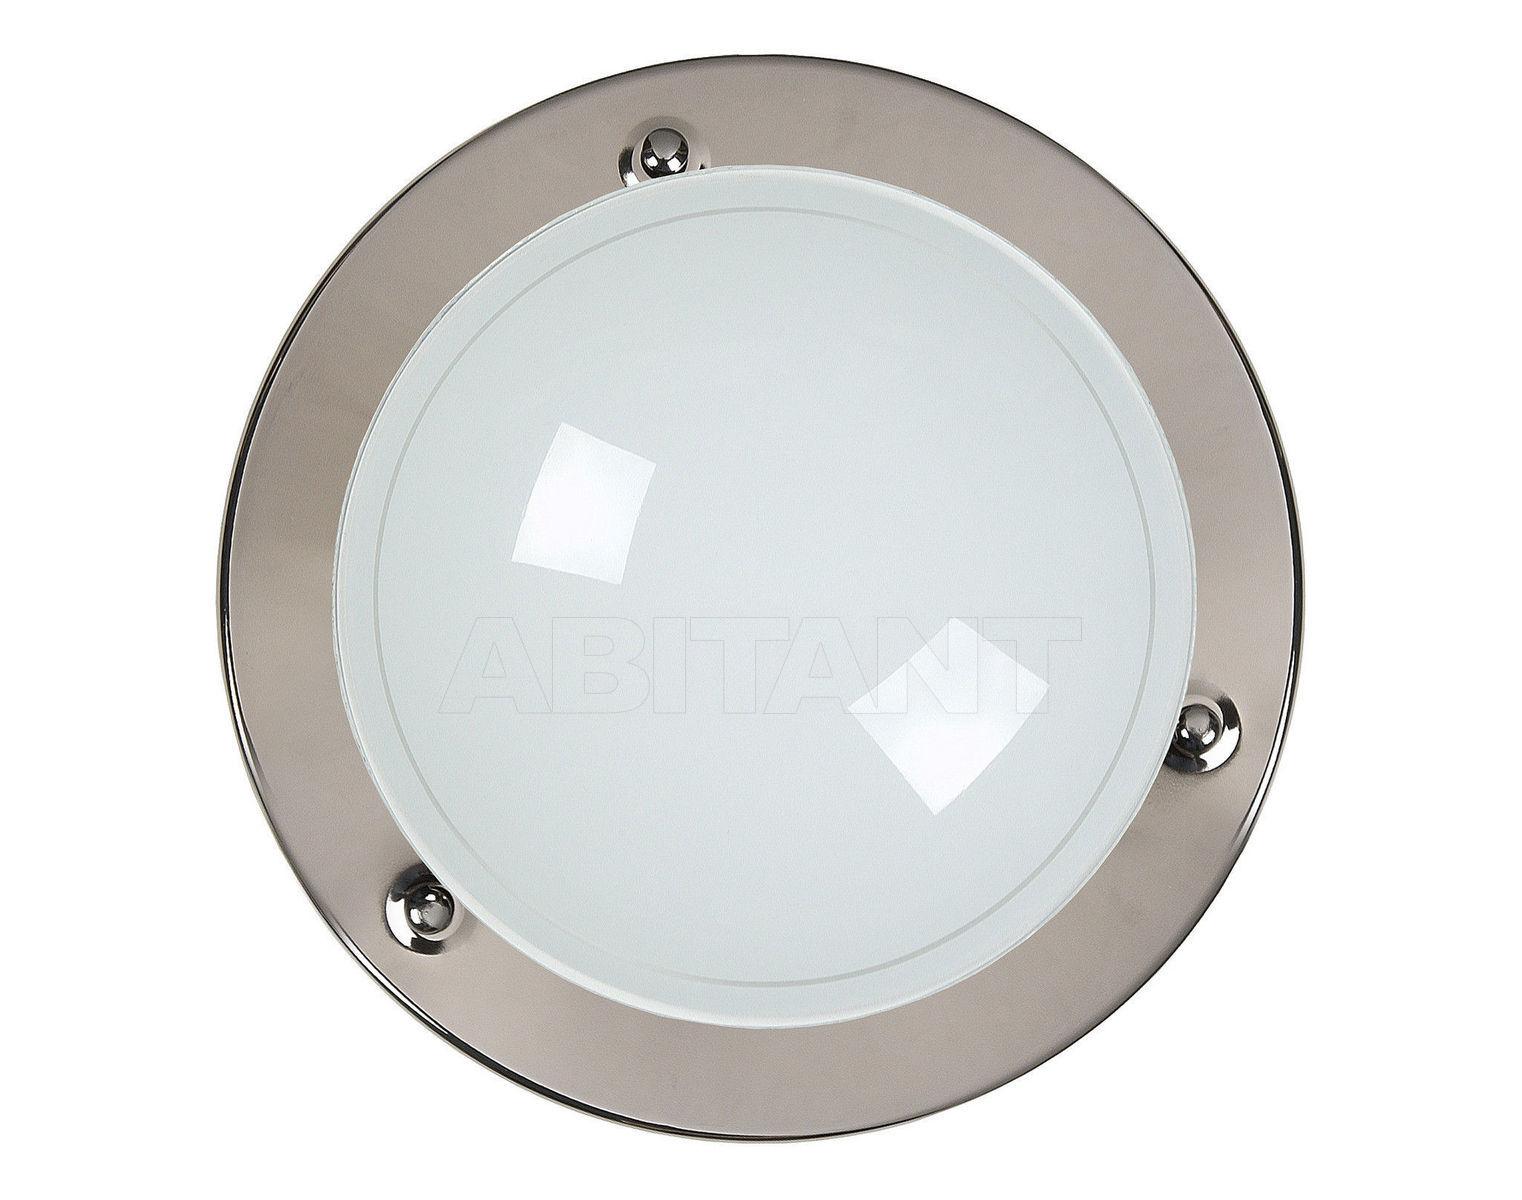 Купить Светильник BASIC Lucide  Ceiling & Wall Lights 07104/30/09